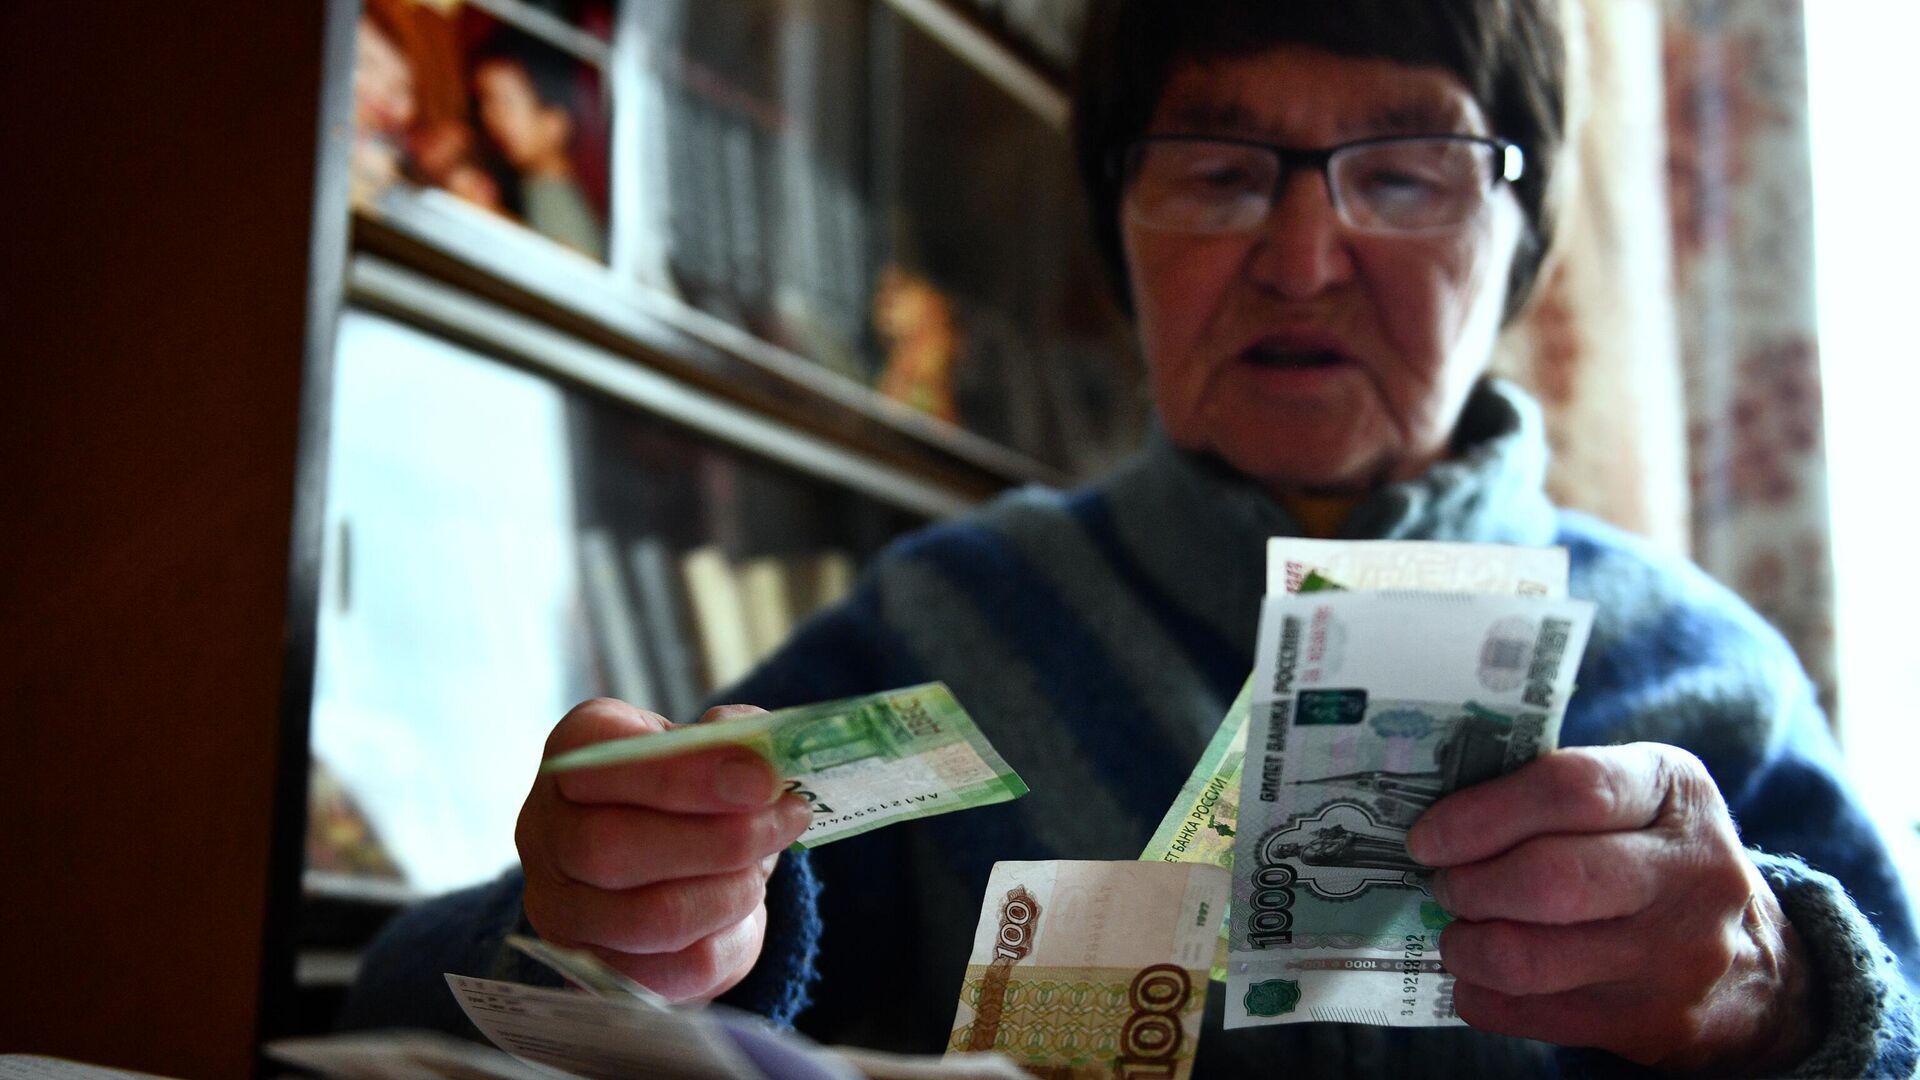 Как получить накопительную часть пенсии единовременно в 2021 году из пфр пенсионный фонд рф личный кабинет вход через госуслуги физического лица